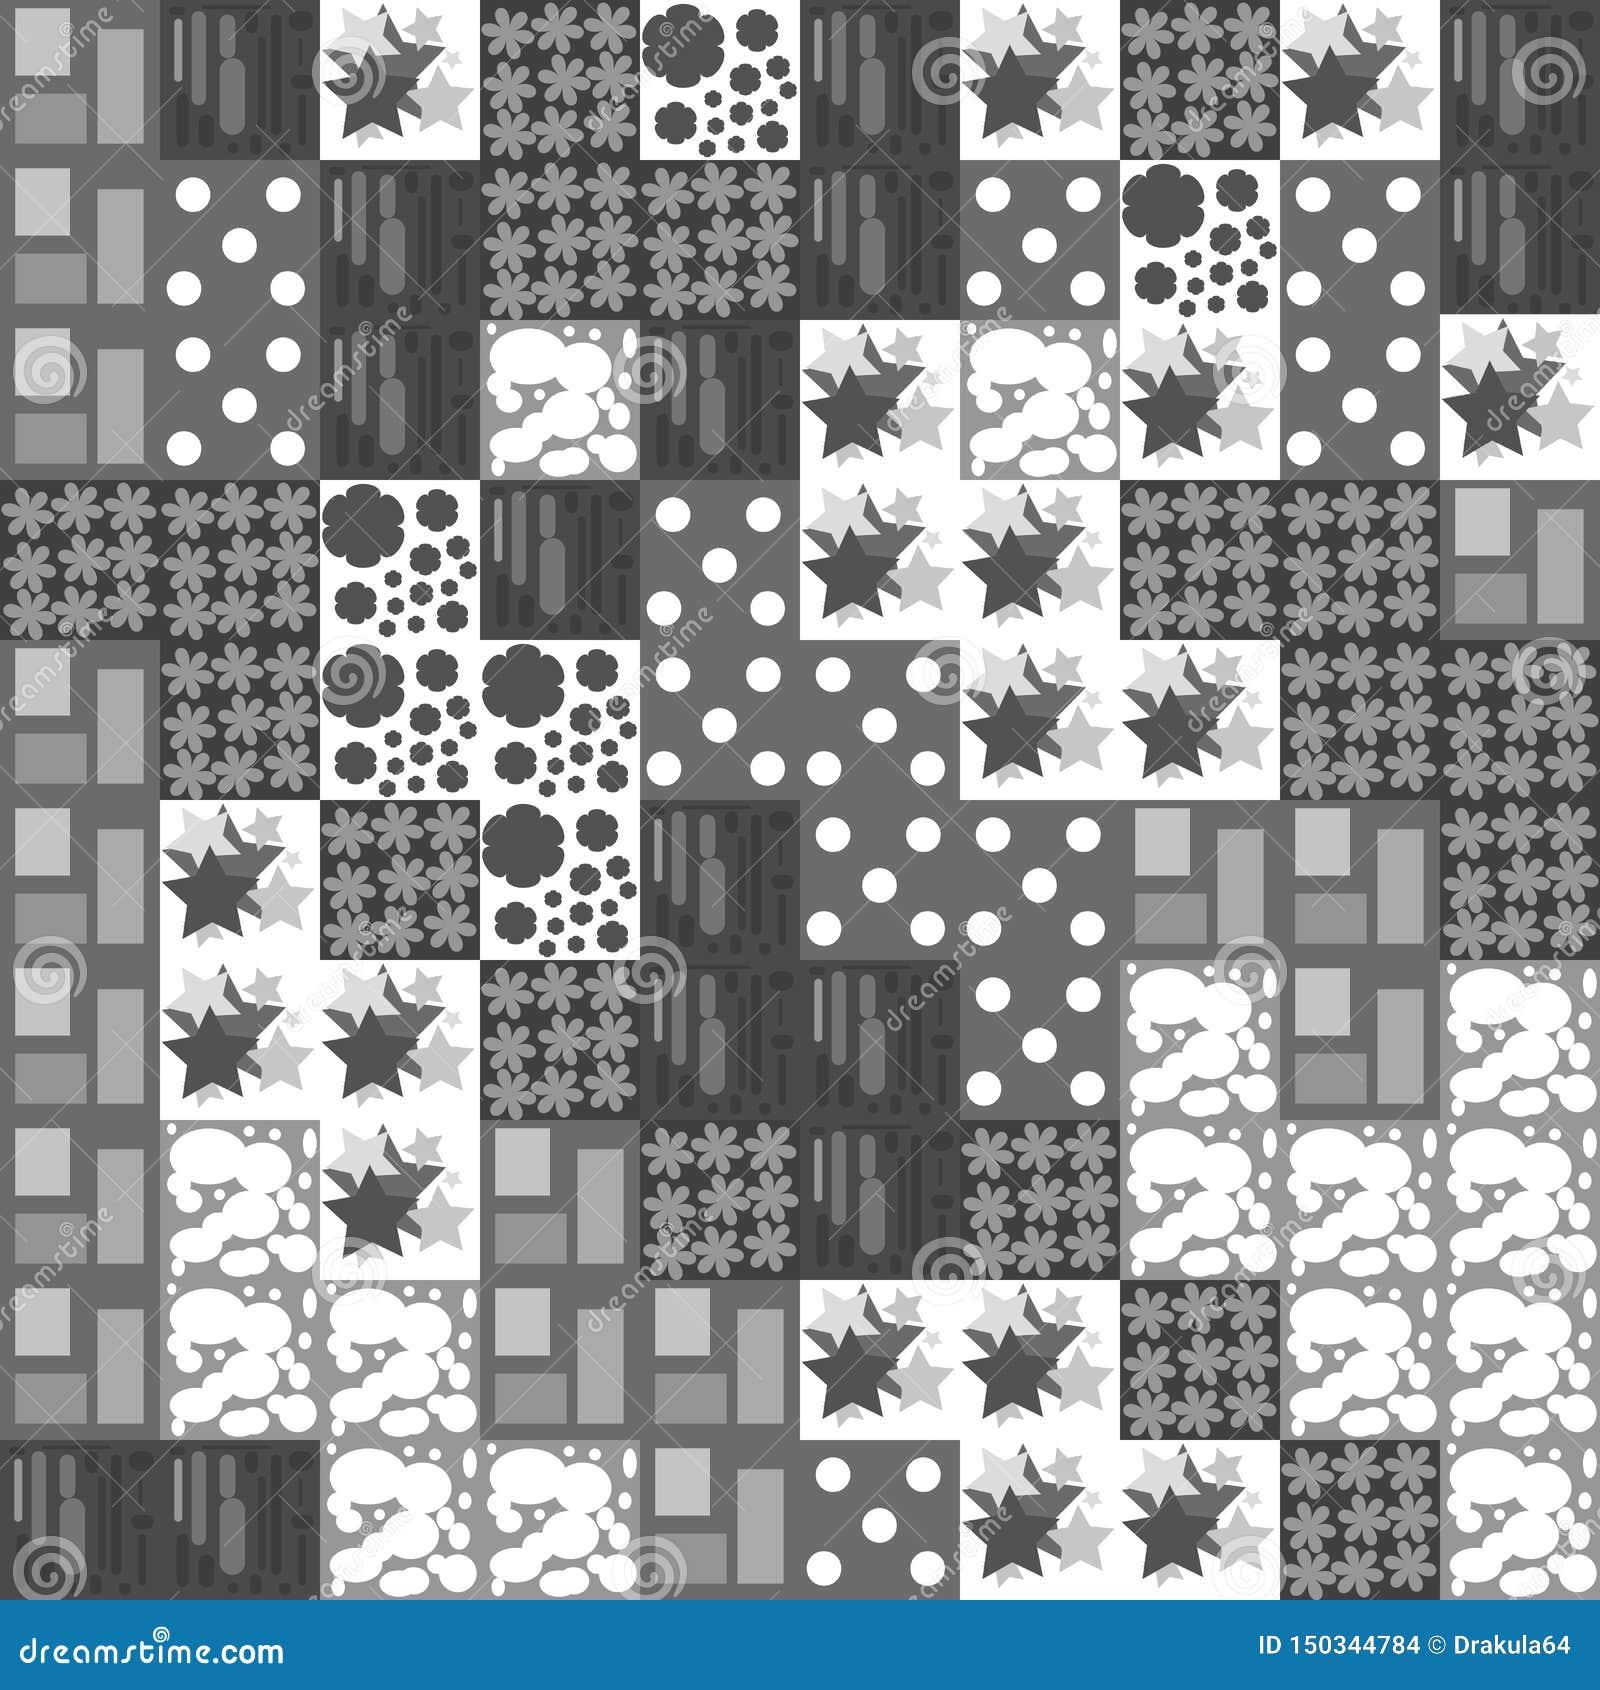 Fundo sem emenda de quadrados cinzentos e brancos com testes padrões diferentes